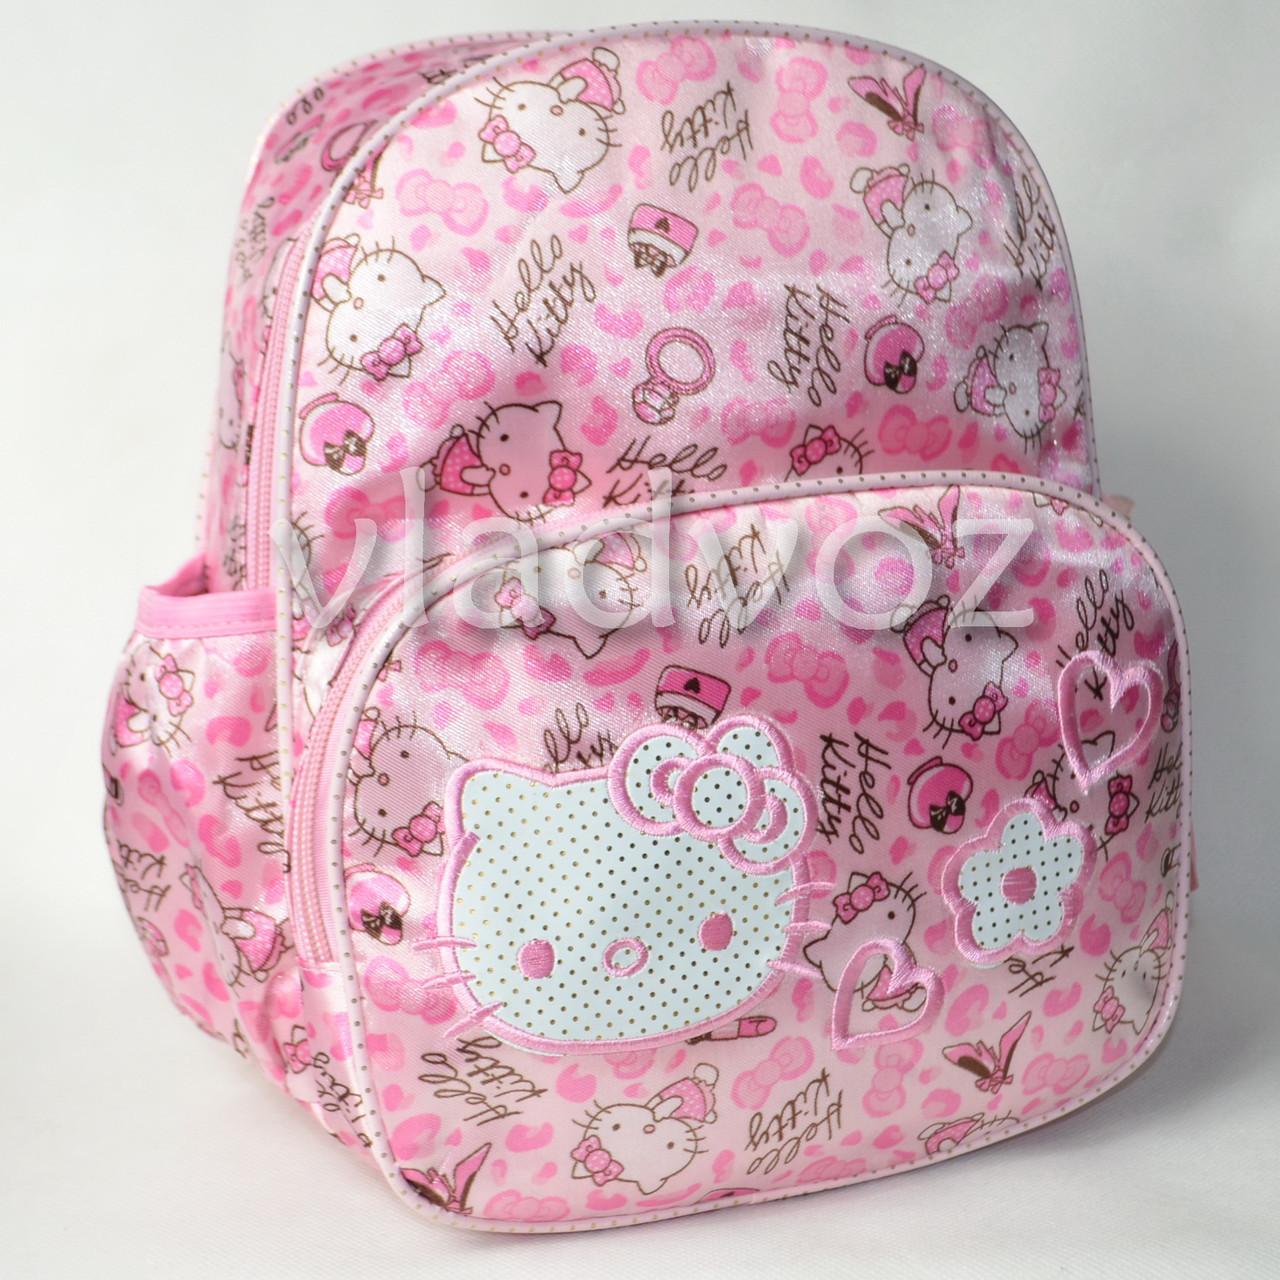 Детский рюкзак hello kitty нежно розовый котики - интернет-магазин vladvozsklad мтс 0666993749, киевстар 0681044912, лайф 0932504050 в Николаевской области